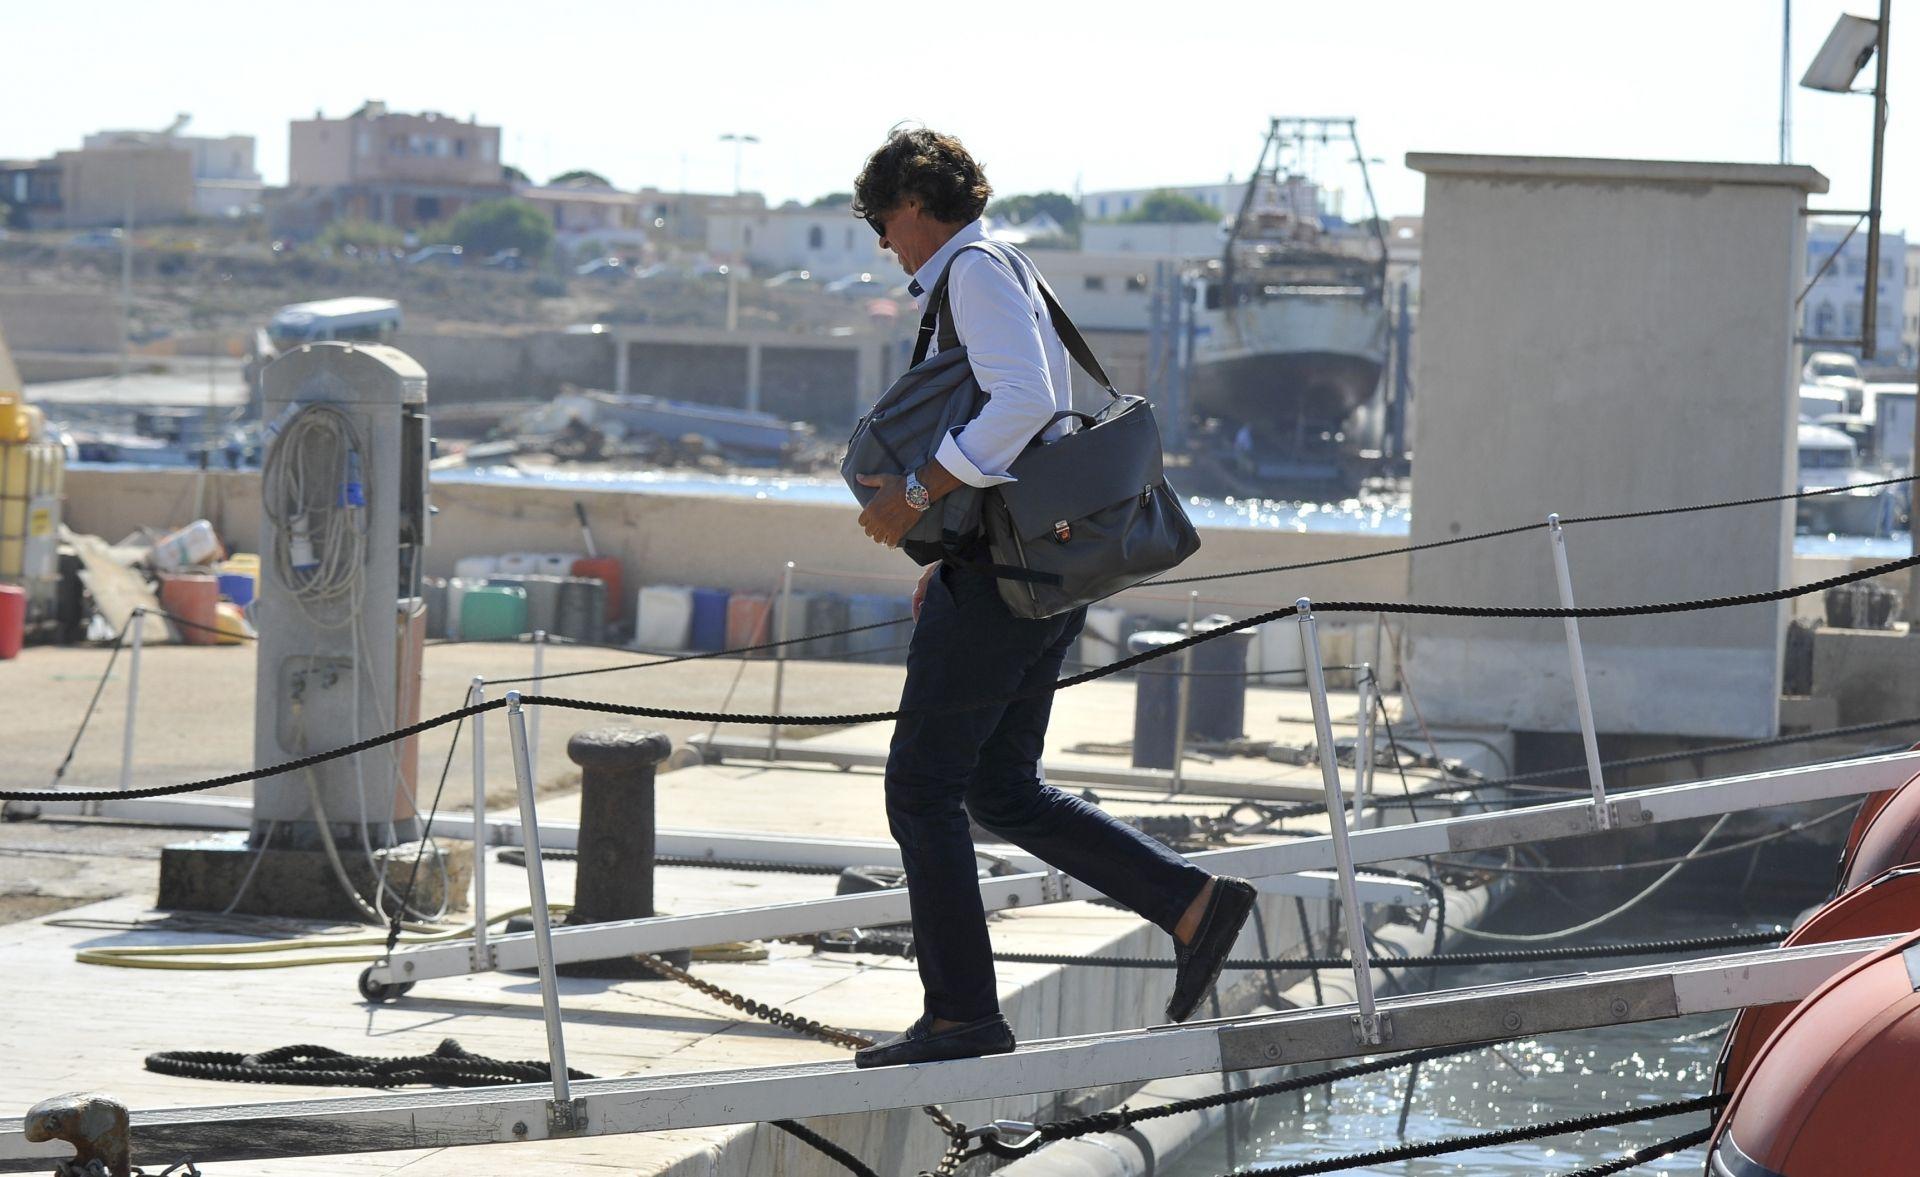 Прокурорът на Агридженте Луиджи Патронаджо издал съответната заповед след инспекция на кораба